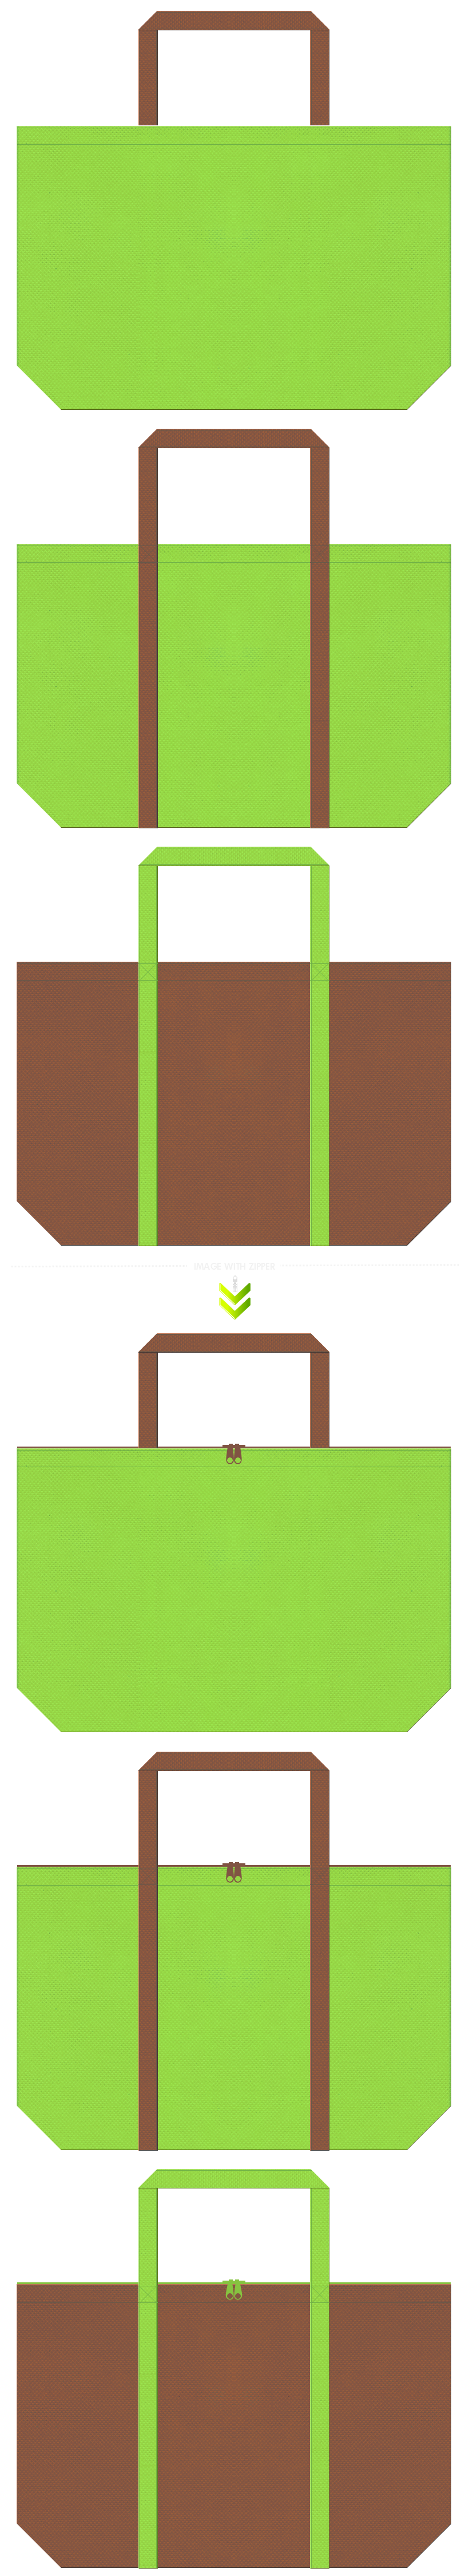 黄緑色と茶色の不織布エコバッグのデザイン。えほん・もりのイメージにお奨めの配色です。